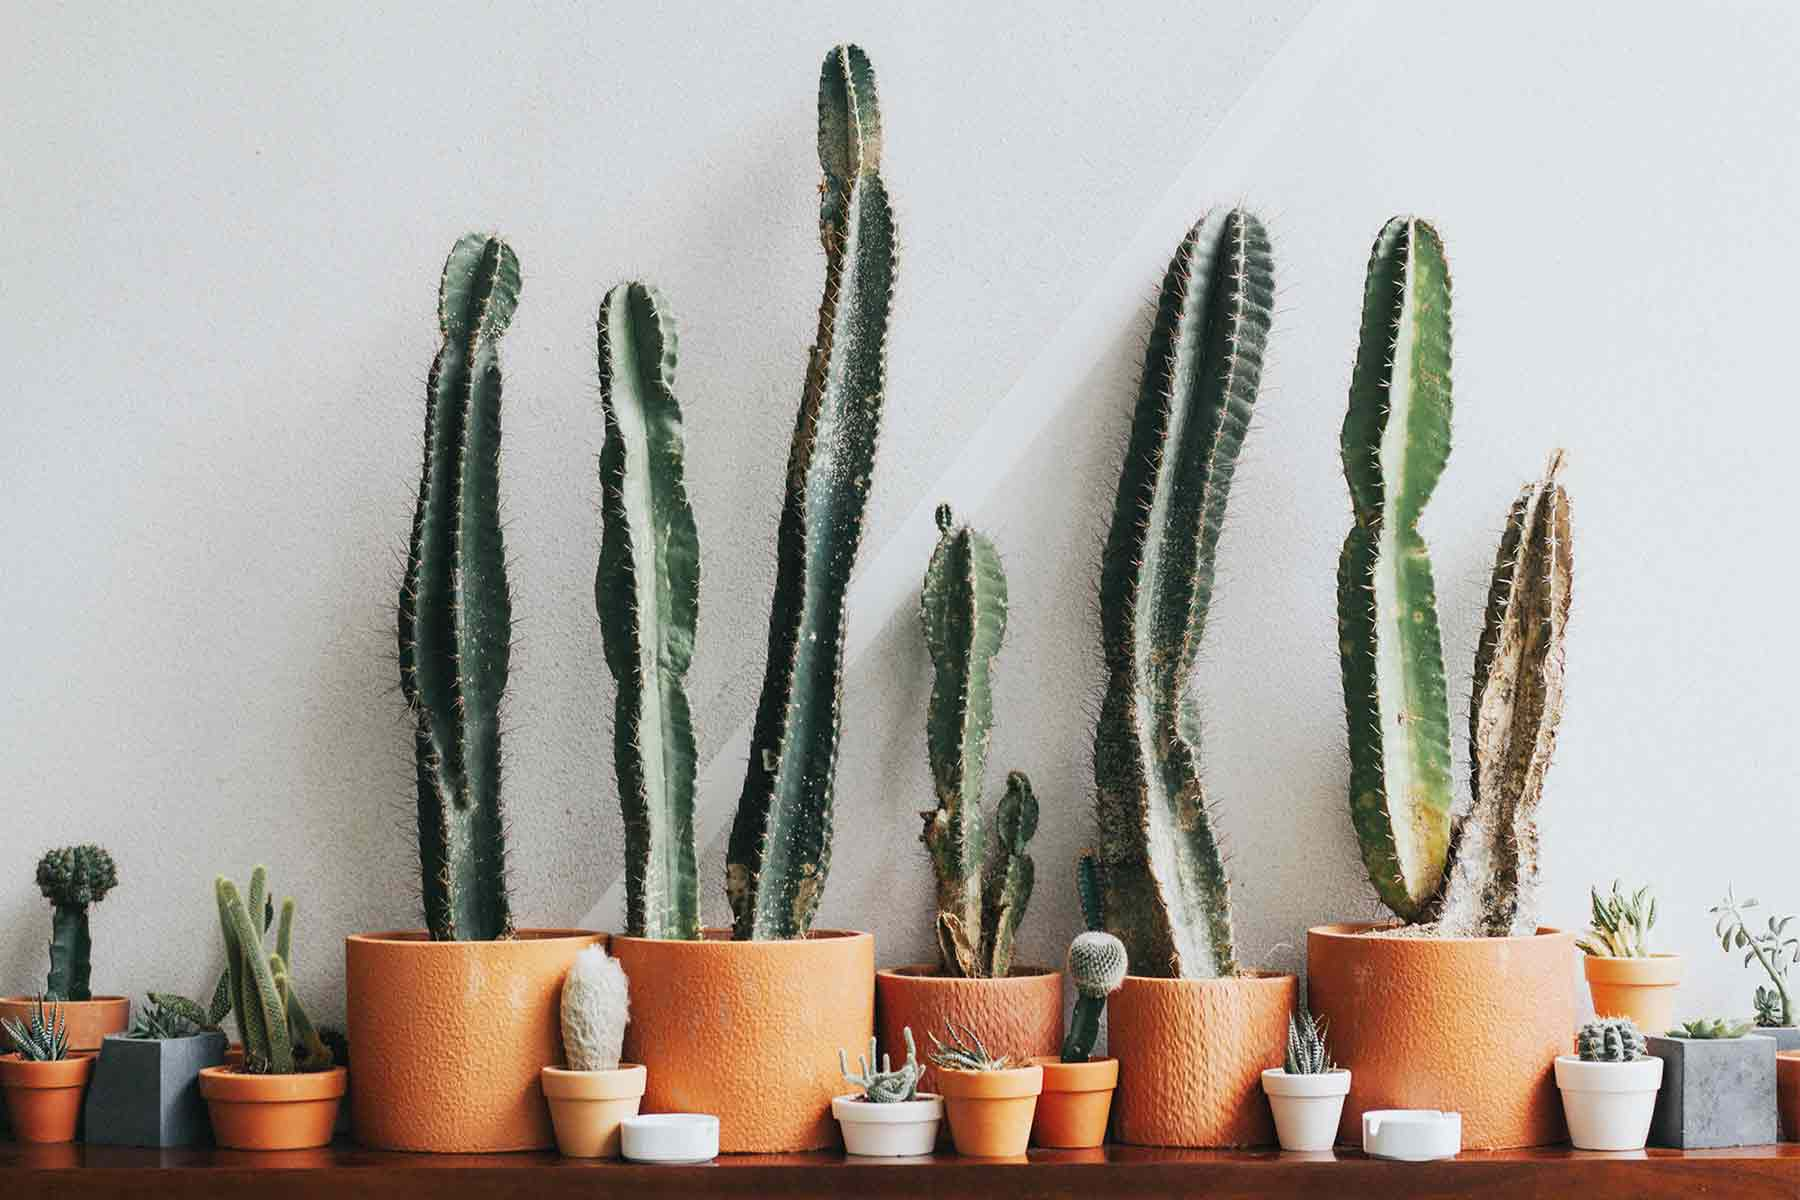 Deretan kaktus selalu menarik perhatian, foto oleh Nguyen Dang Hoang Nhu, via unsplash.com